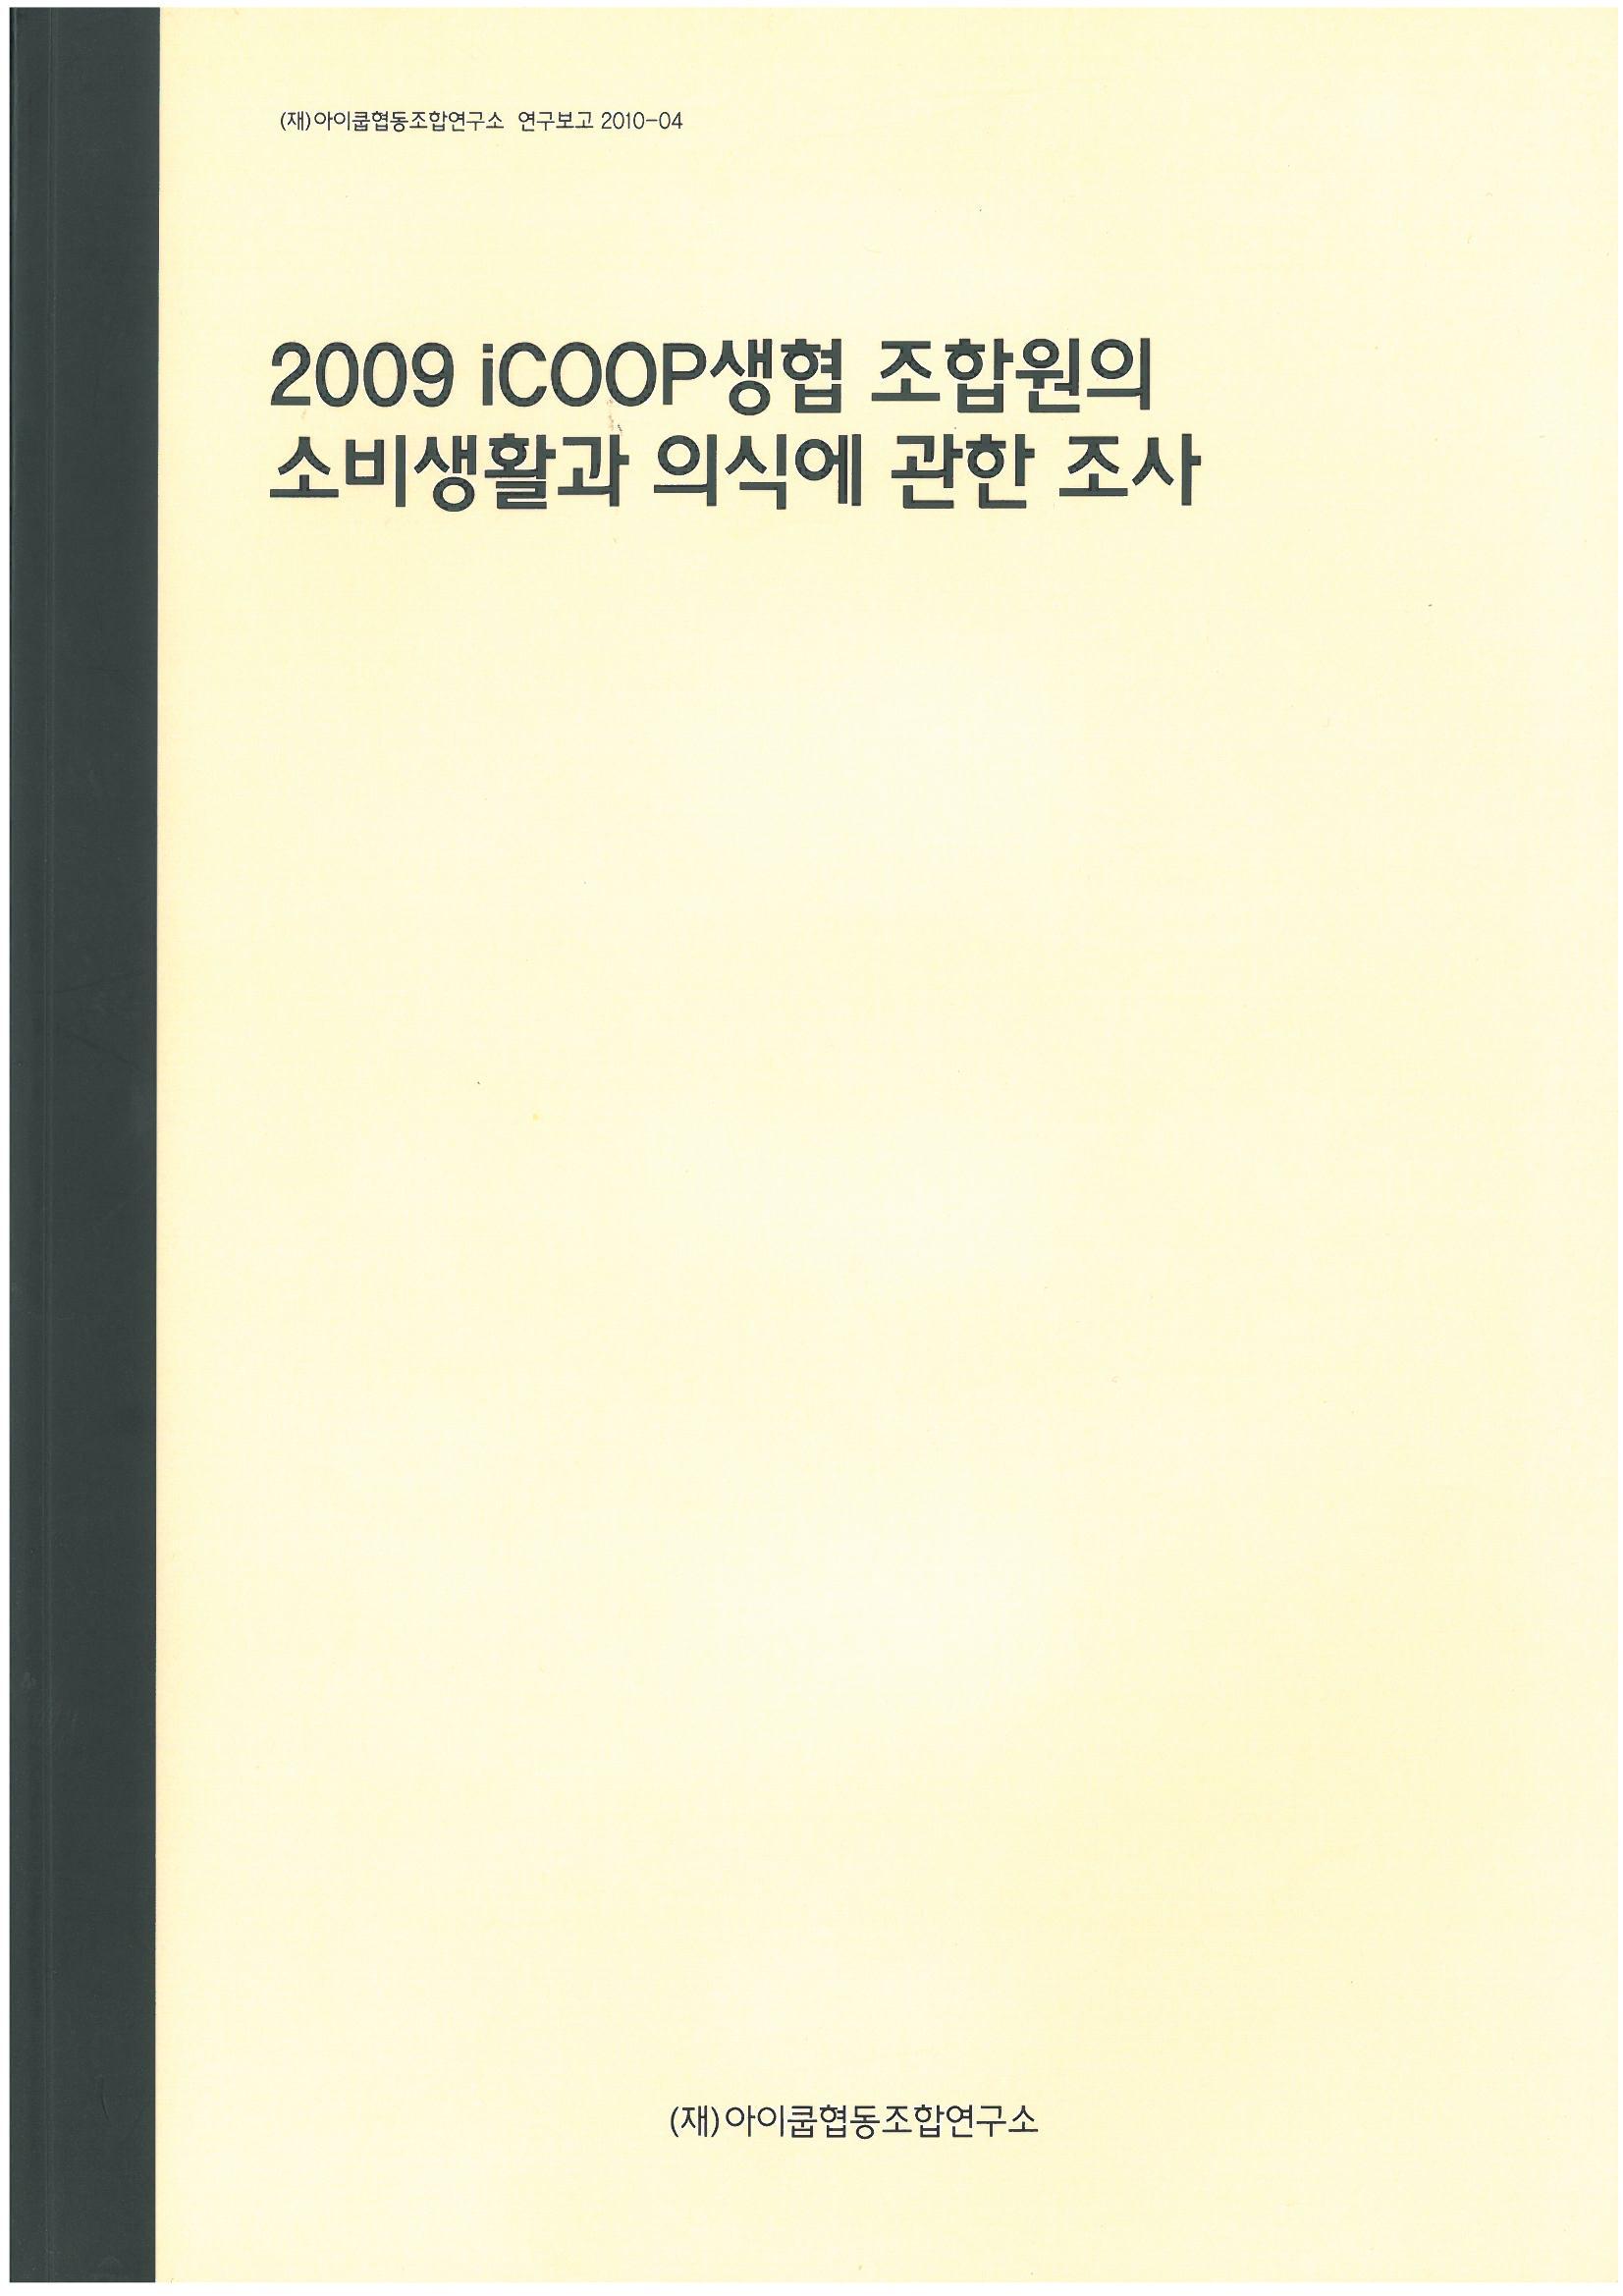 35_『2009iCOOP생협 조합원의 소비자생활과 의식에 관한 조사』(염찬희)_표지.jpg